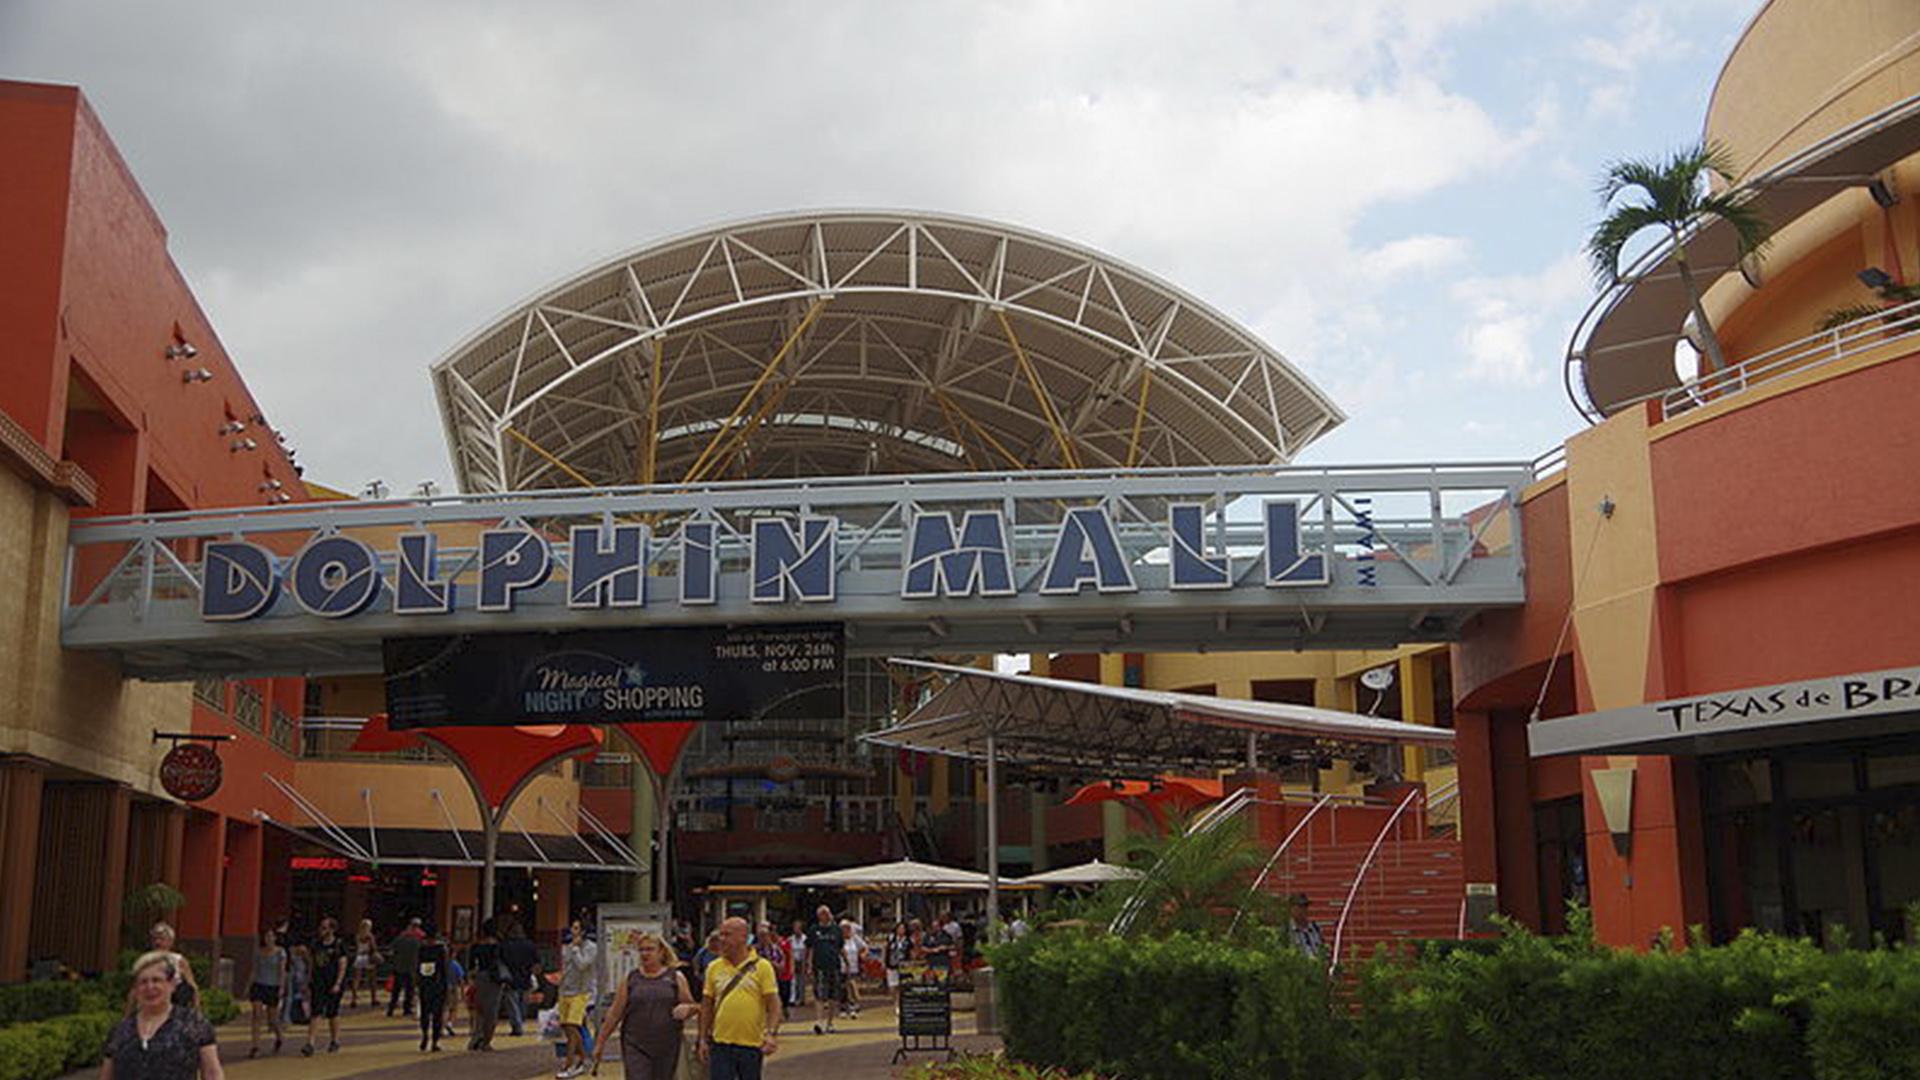 Tranquilo e bem localizado, o Dolphin Mall encanta quem passa por lá.